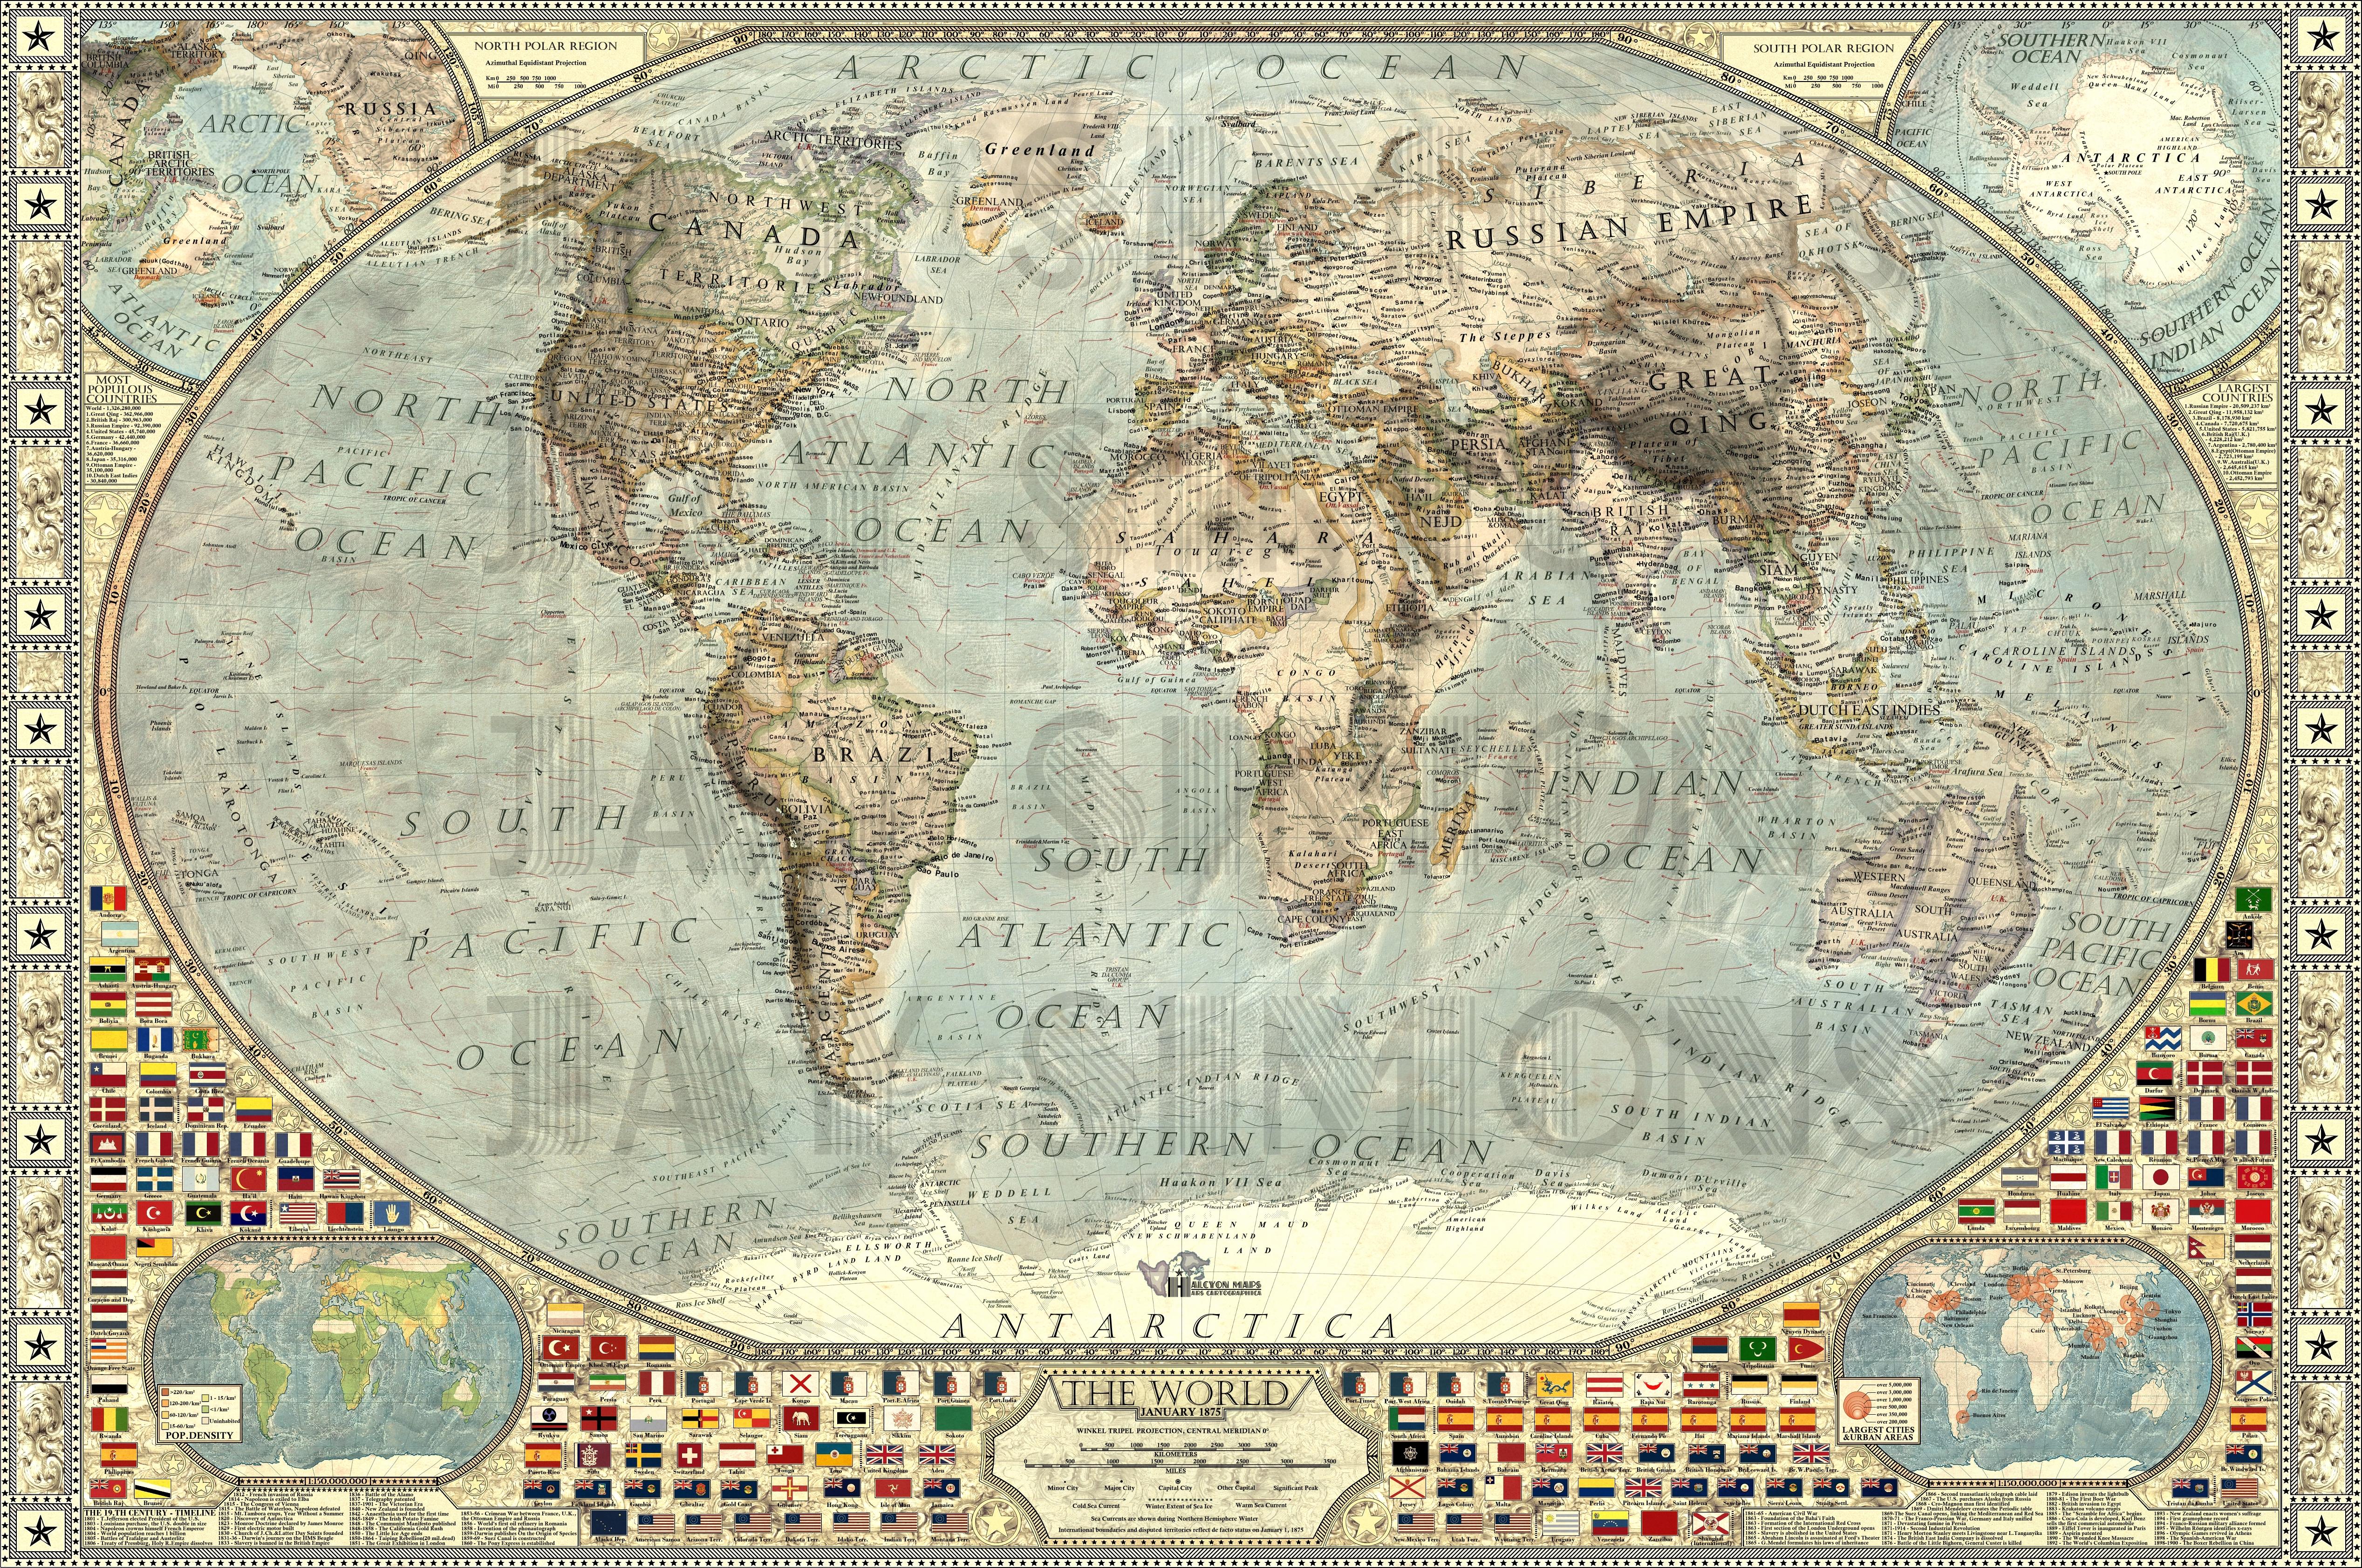 Decorative world map instadecor decorative world map gumiabroncs Images